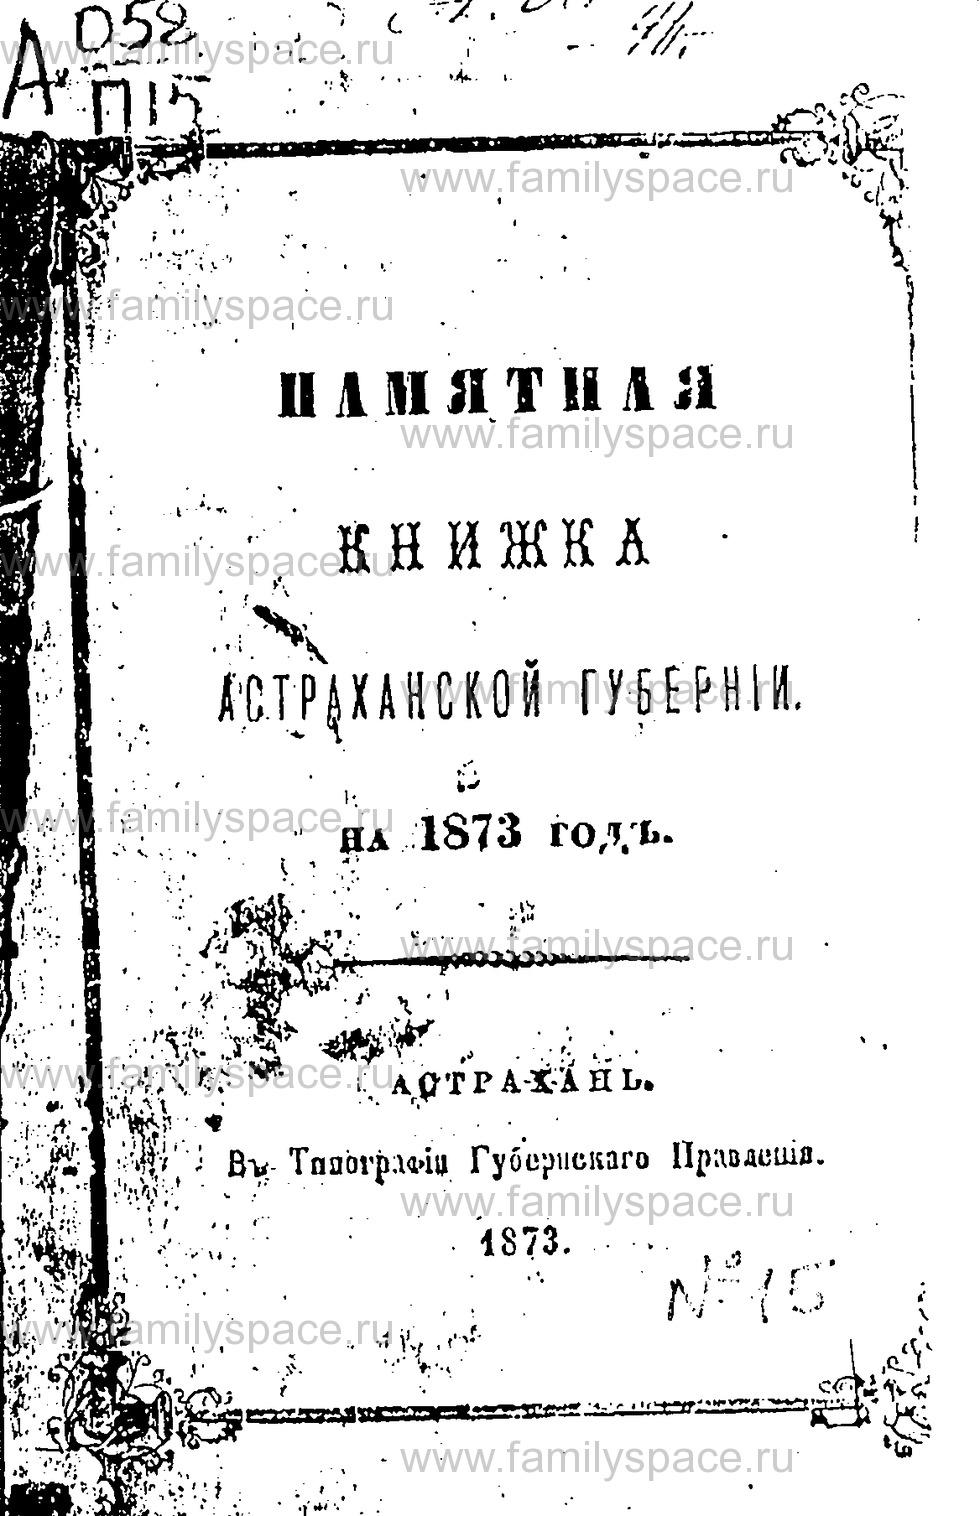 Поиск по фамилии - Памятная книжка Астраханской губернии на 1873 г, страница 1